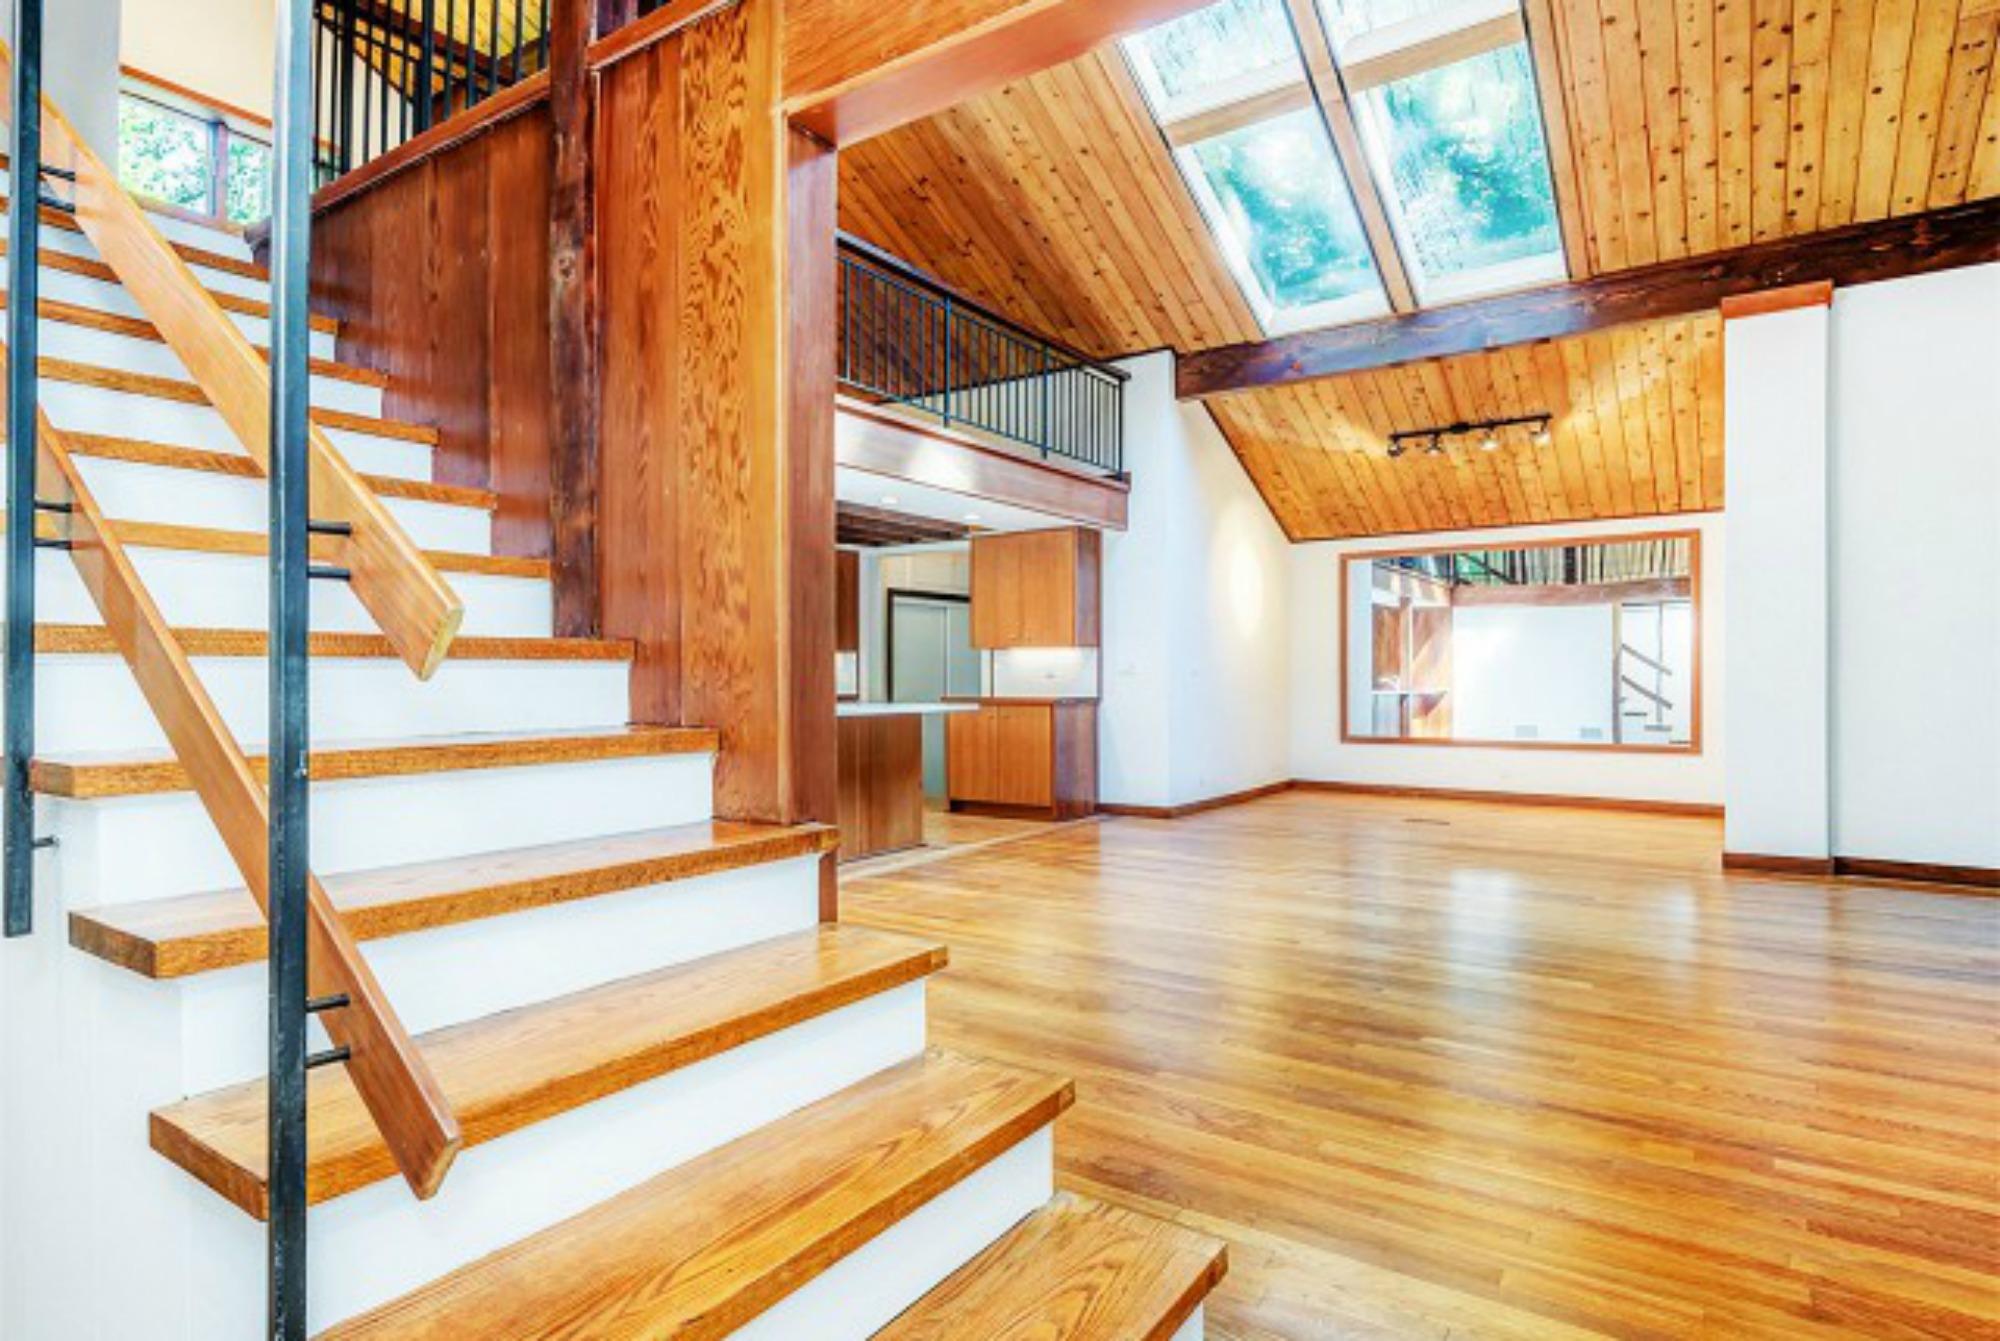 Η λεπτομέρεια κάνει πάντα τη διαφορά σε ένα σπίτι, και αυτό το σπίτι είναι πολύ προσεγμένα φτιαγμένο και άκρως εντυπωσιακό.